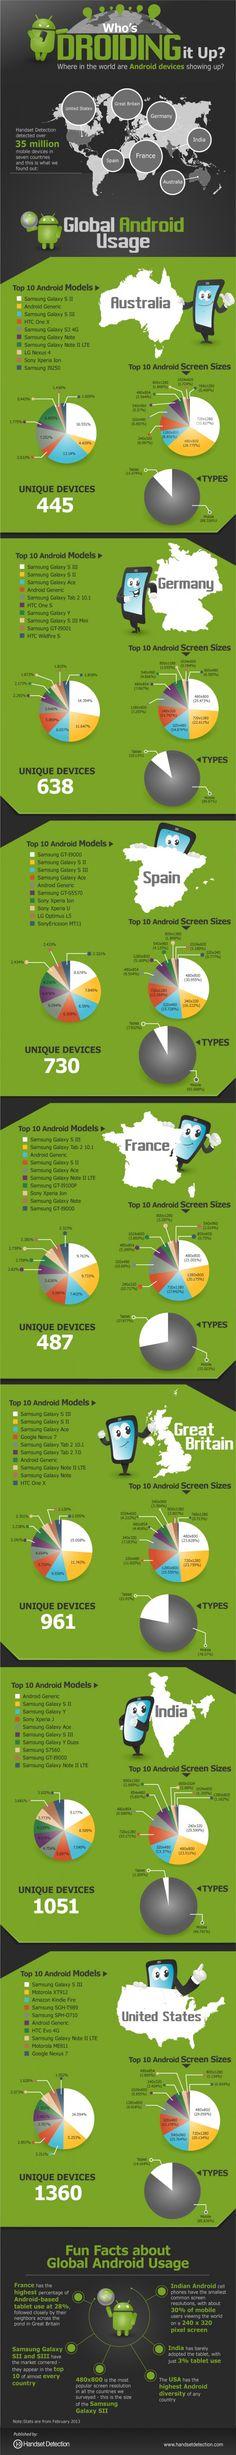 Completa infografía sobre la distribución de terminales Android en el mundo